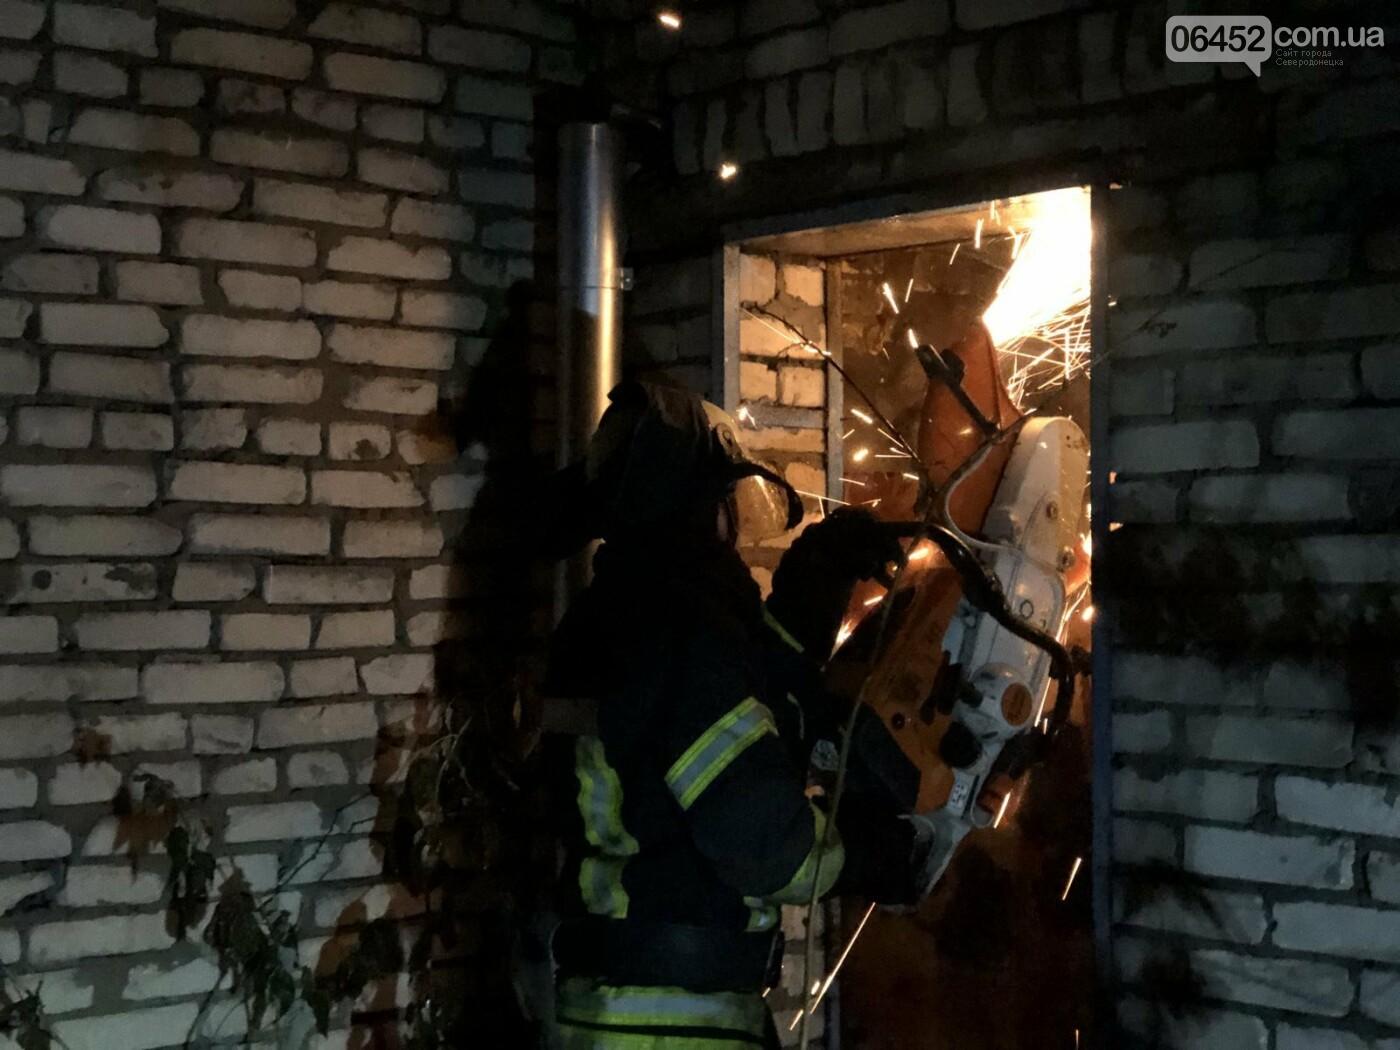 В Северодонецке горела хозяйственная постройка с дровами ( фото, видео) , фото-2